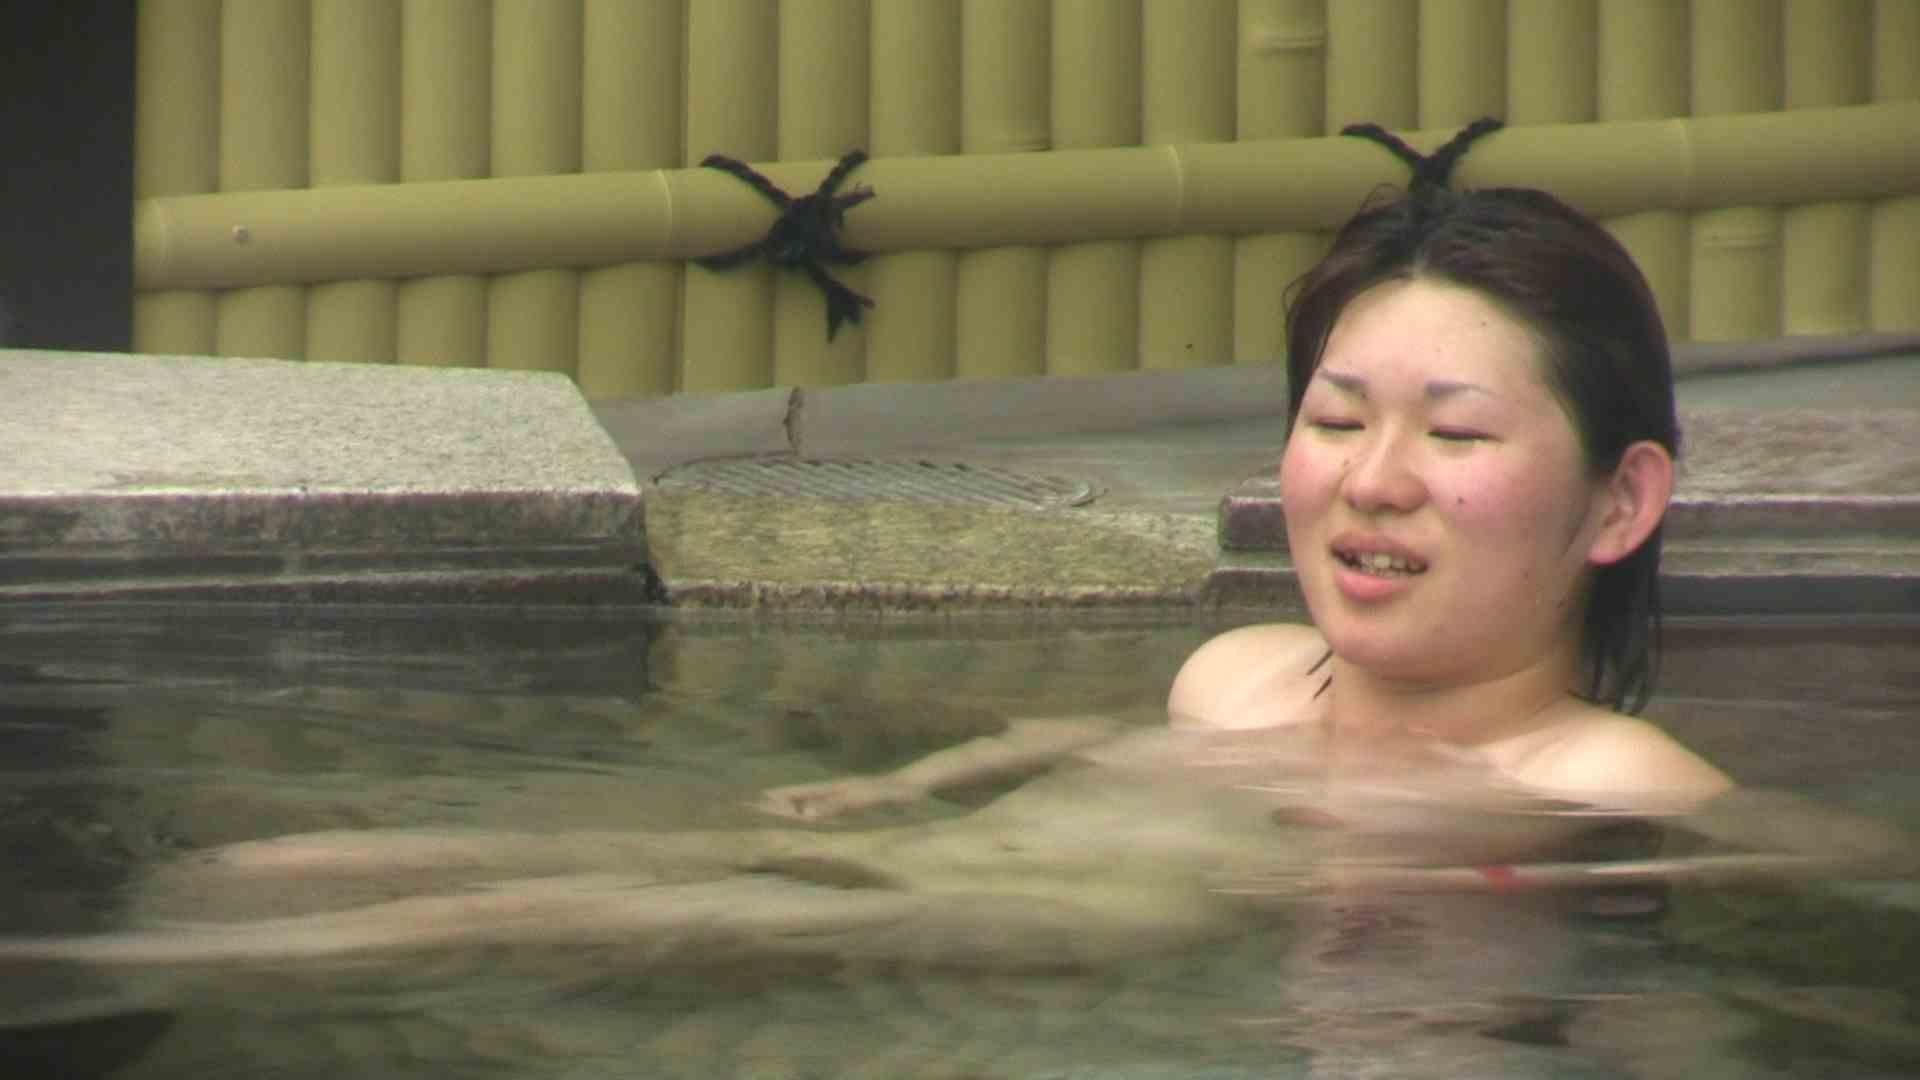 Aquaな露天風呂Vol.673 露天 盗み撮り動画キャプチャ 104PICs 89